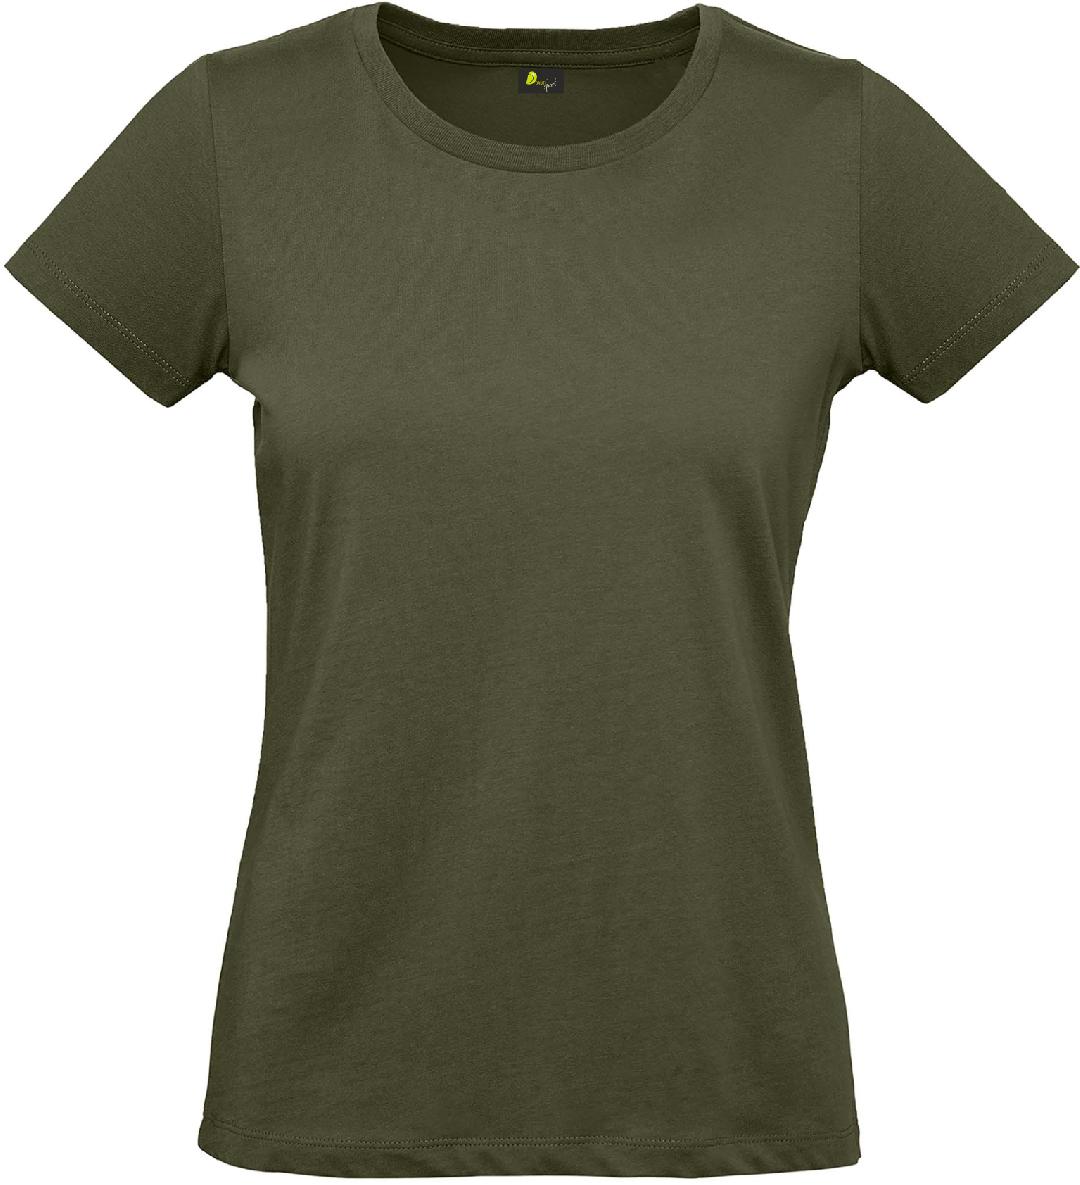 T-shirt de senhora em algodão biológico